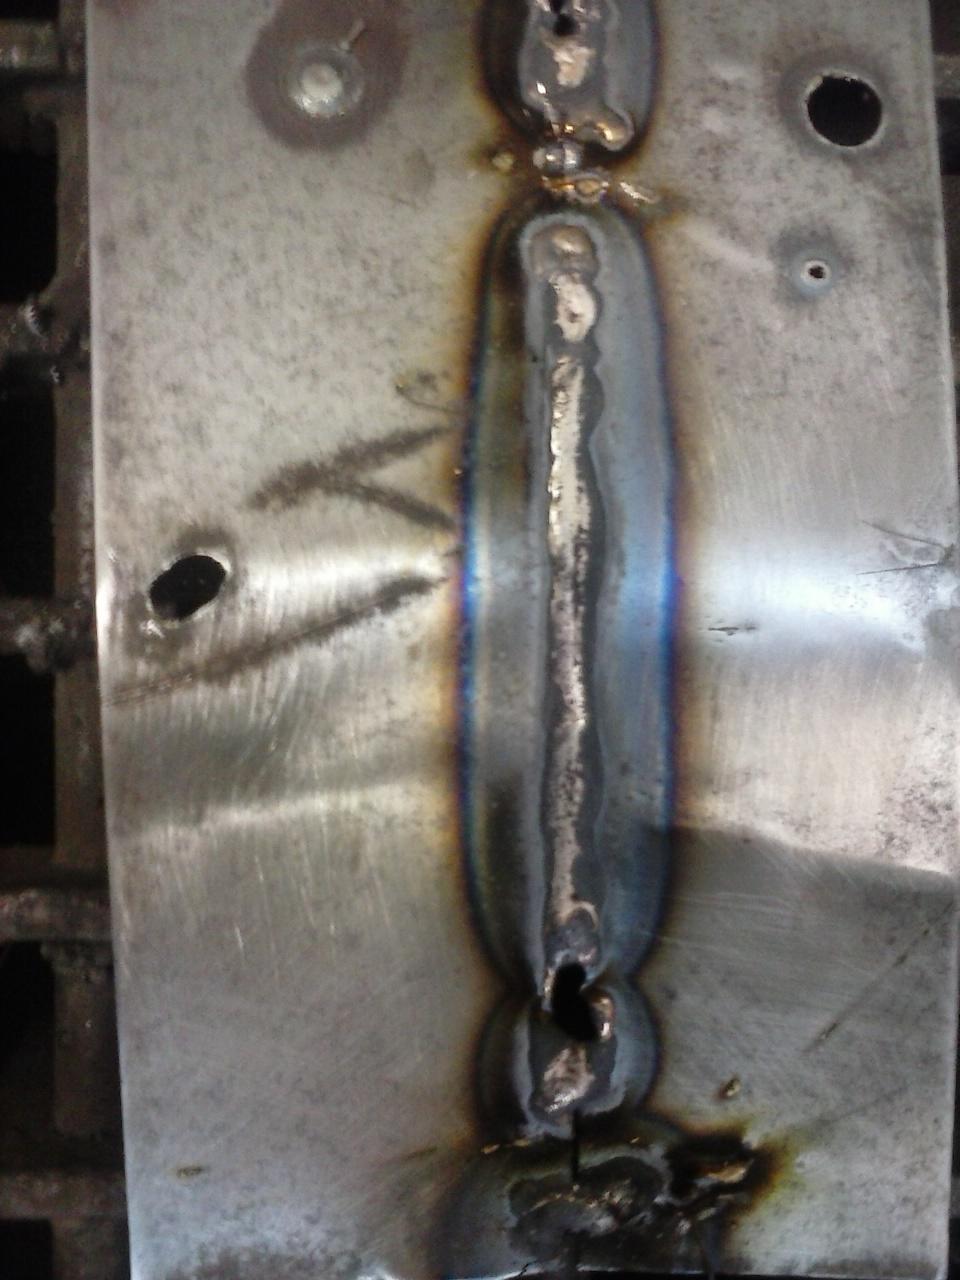 Doble penetracion por el culo de esta rubia - 2 3